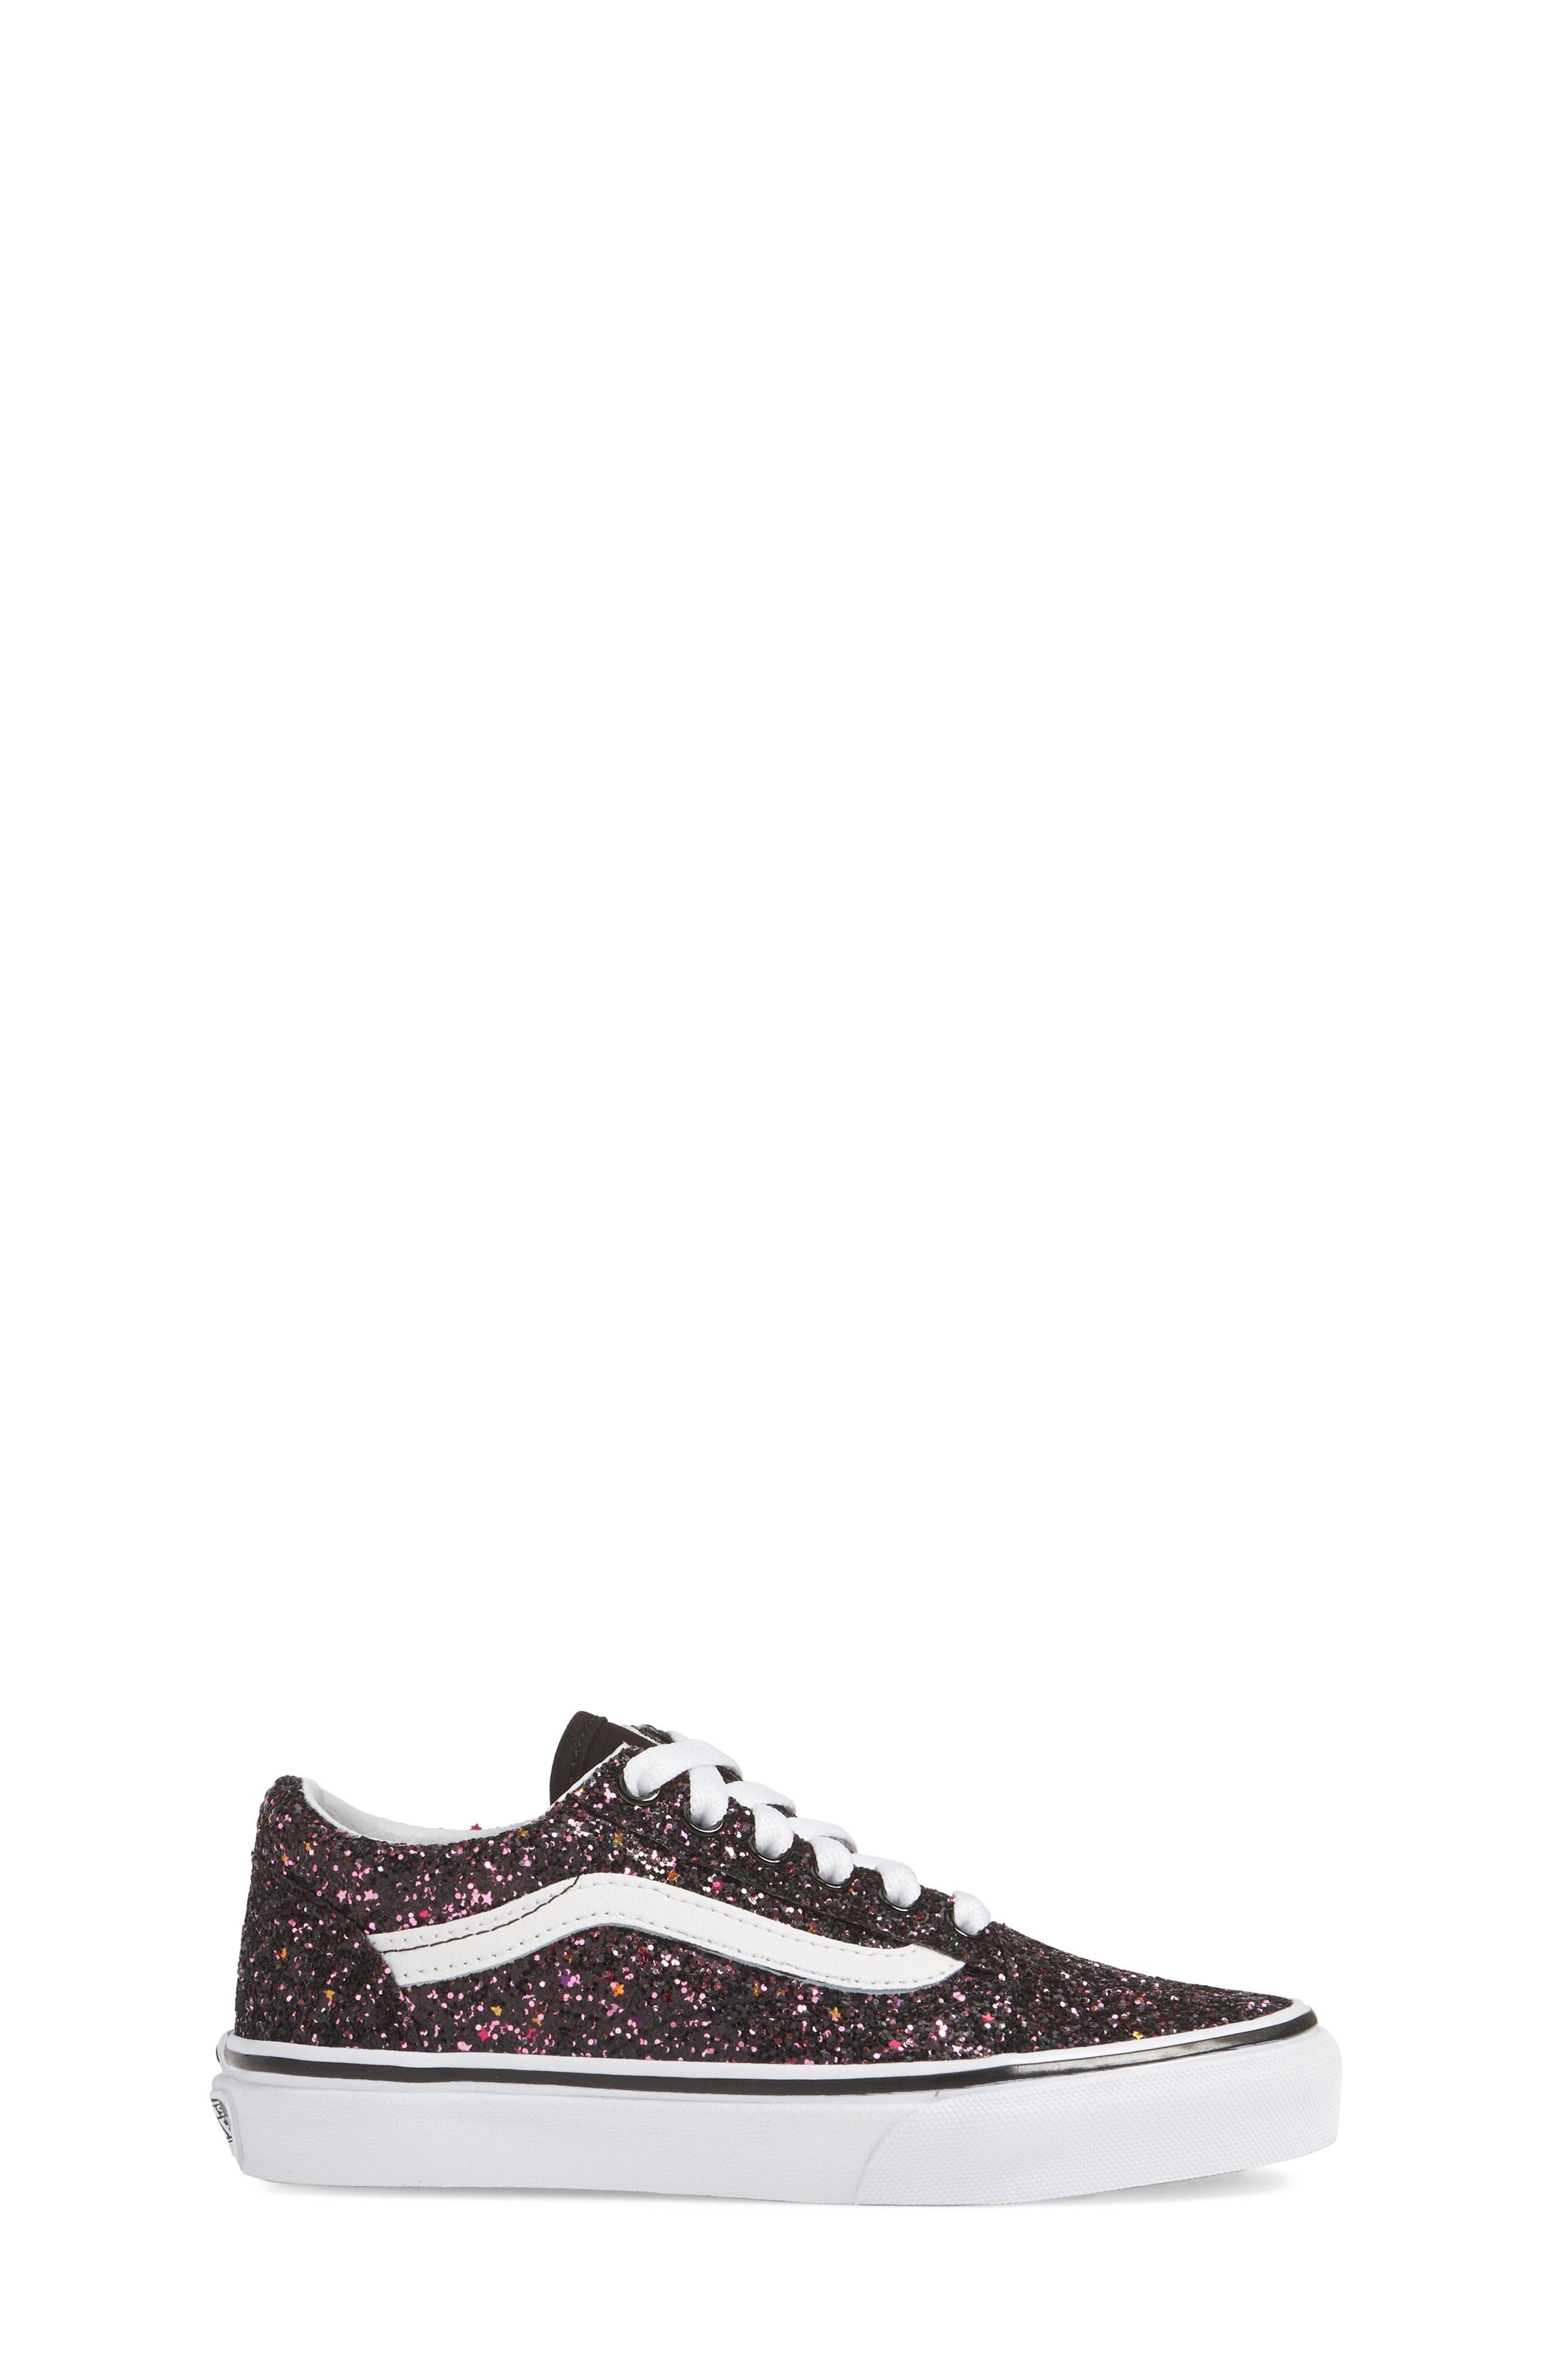 VANS,                             Old Skool Sneaker,                             Alternate thumbnail 3, color,                             GLITTER STARS BLACK/ WHITE